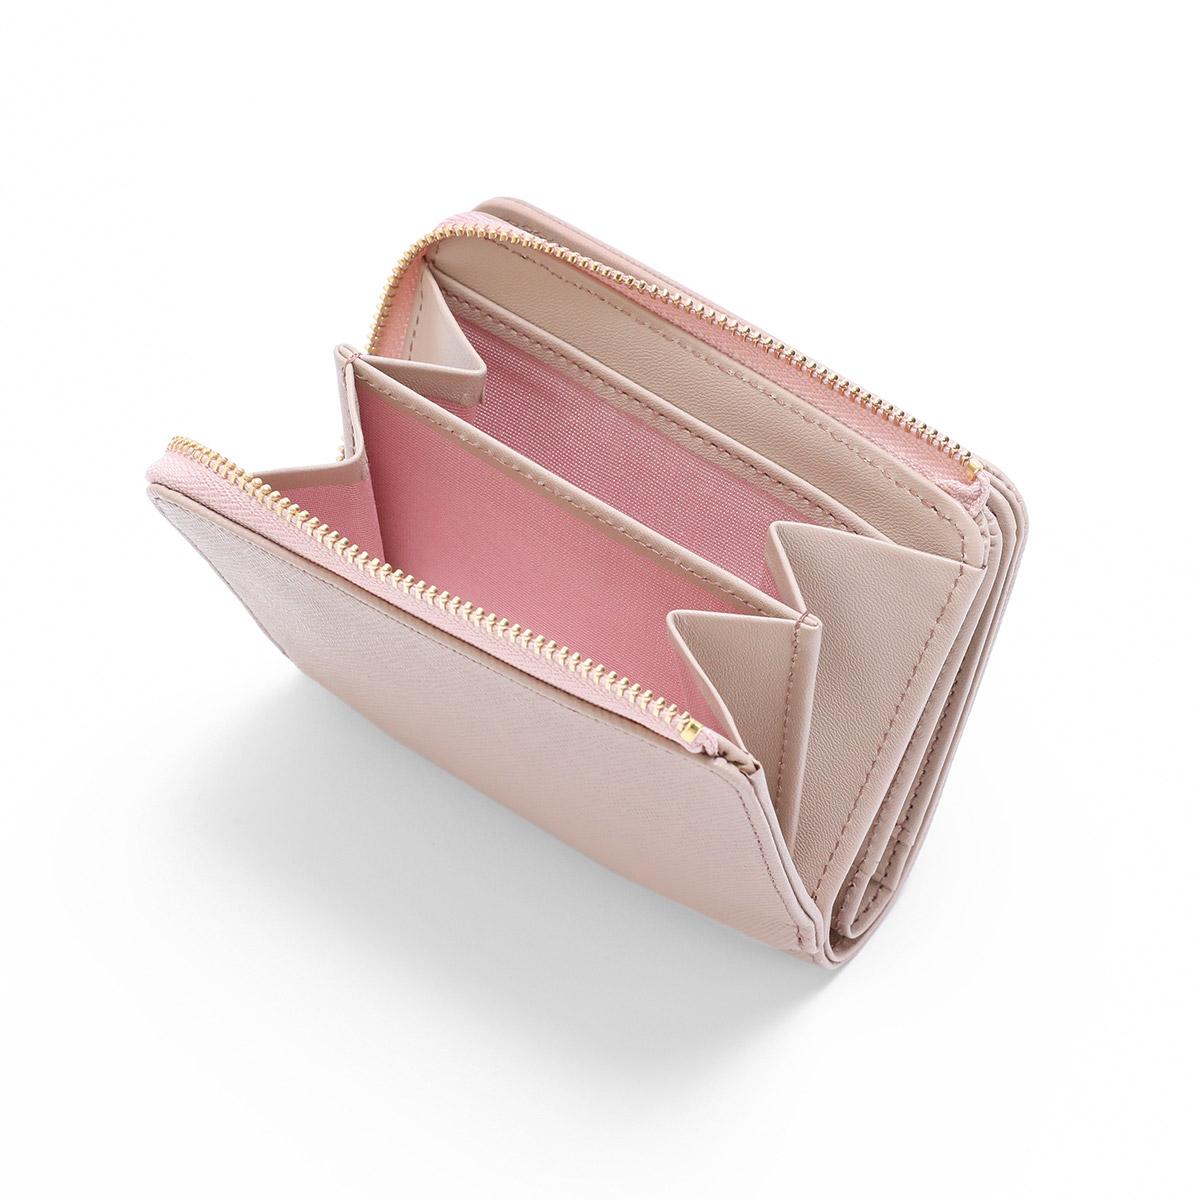 ランバンオンブルー二つ折り財布